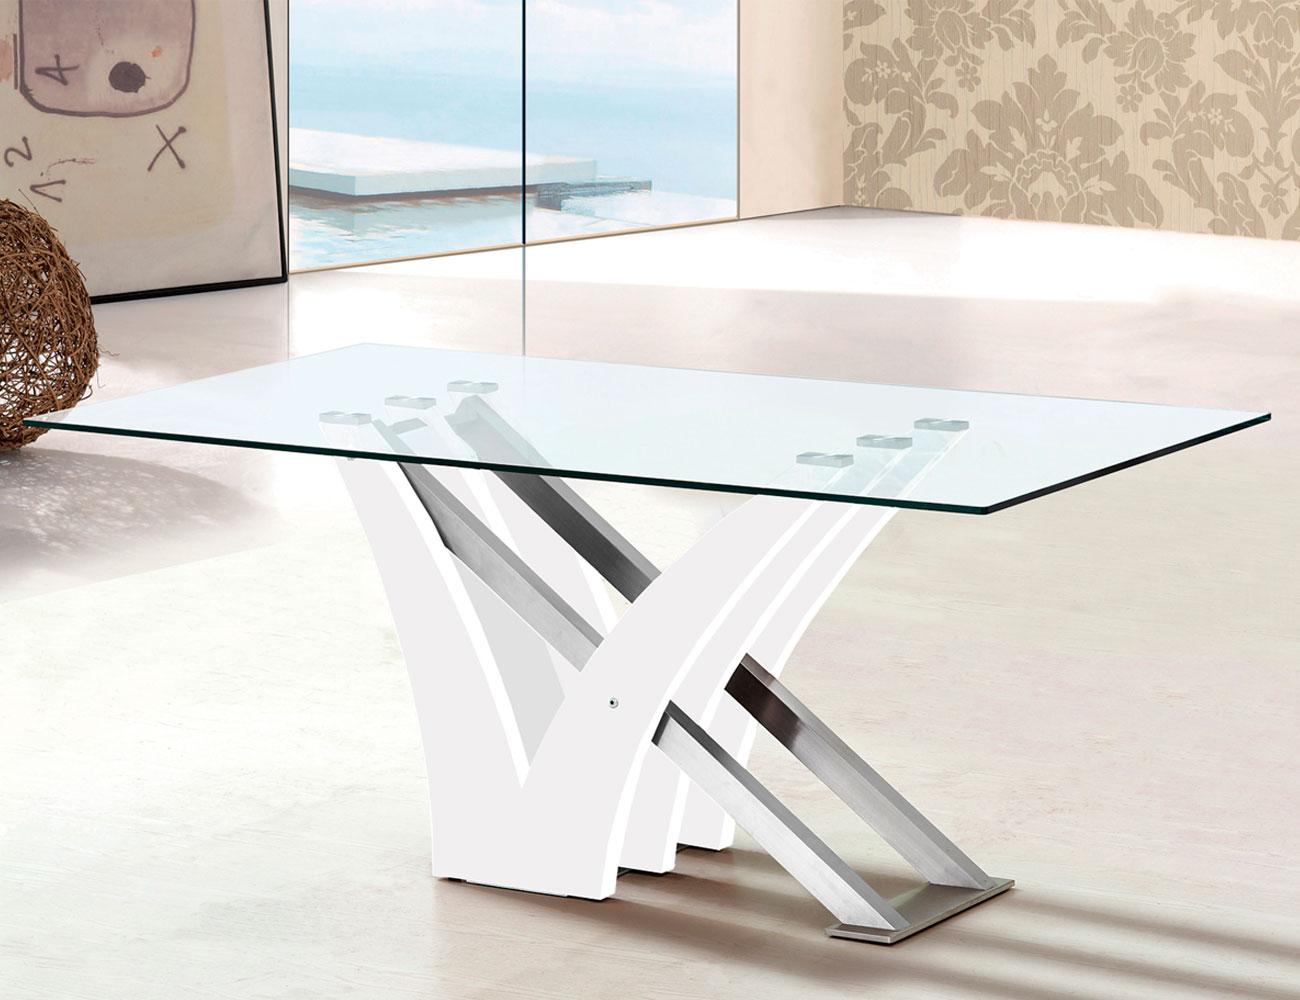 Mesa comedor cristal templado blanco